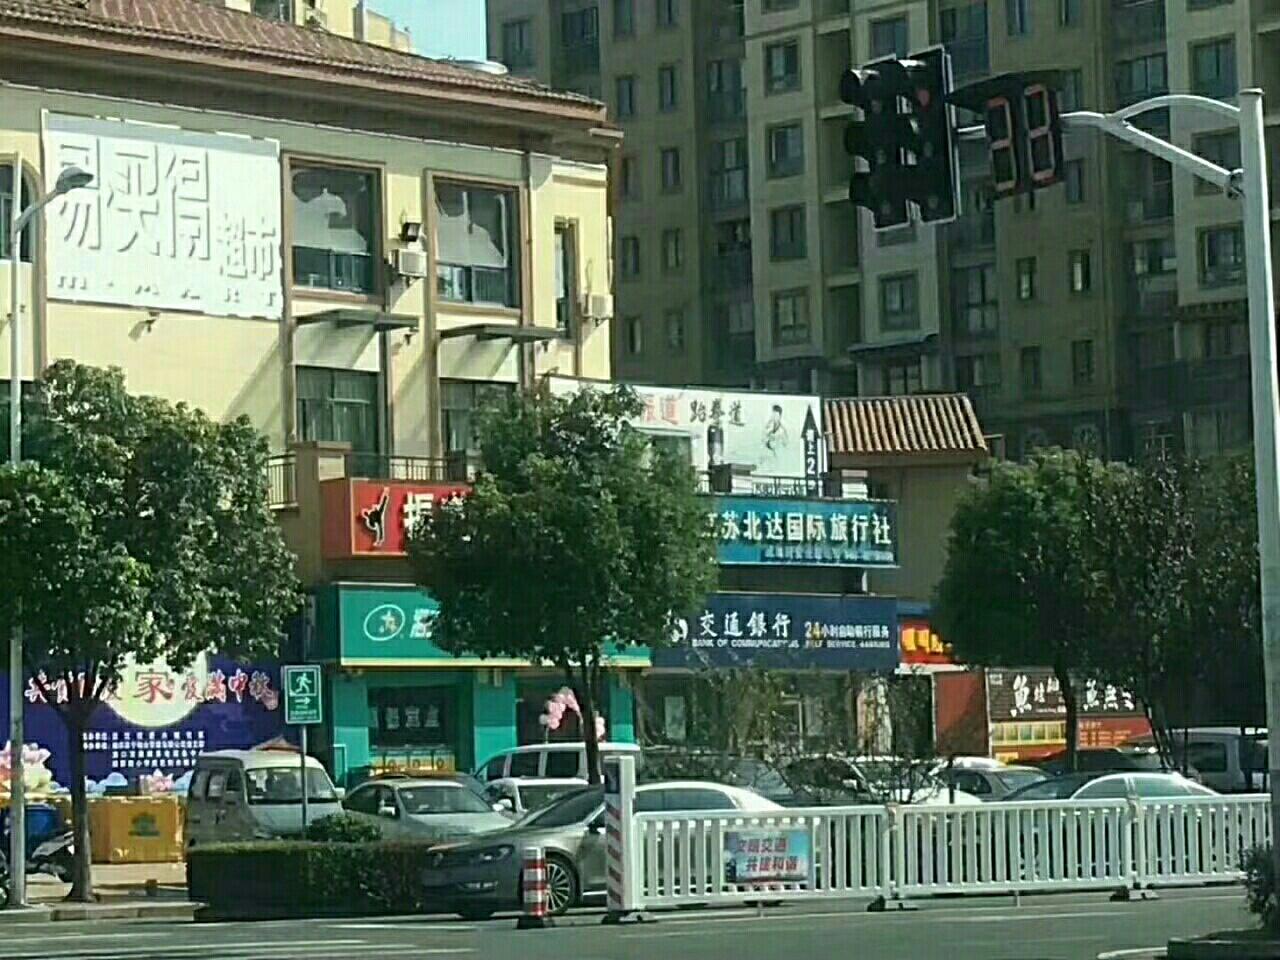 浦口 地铁口 天润城 沿街商铺 出售